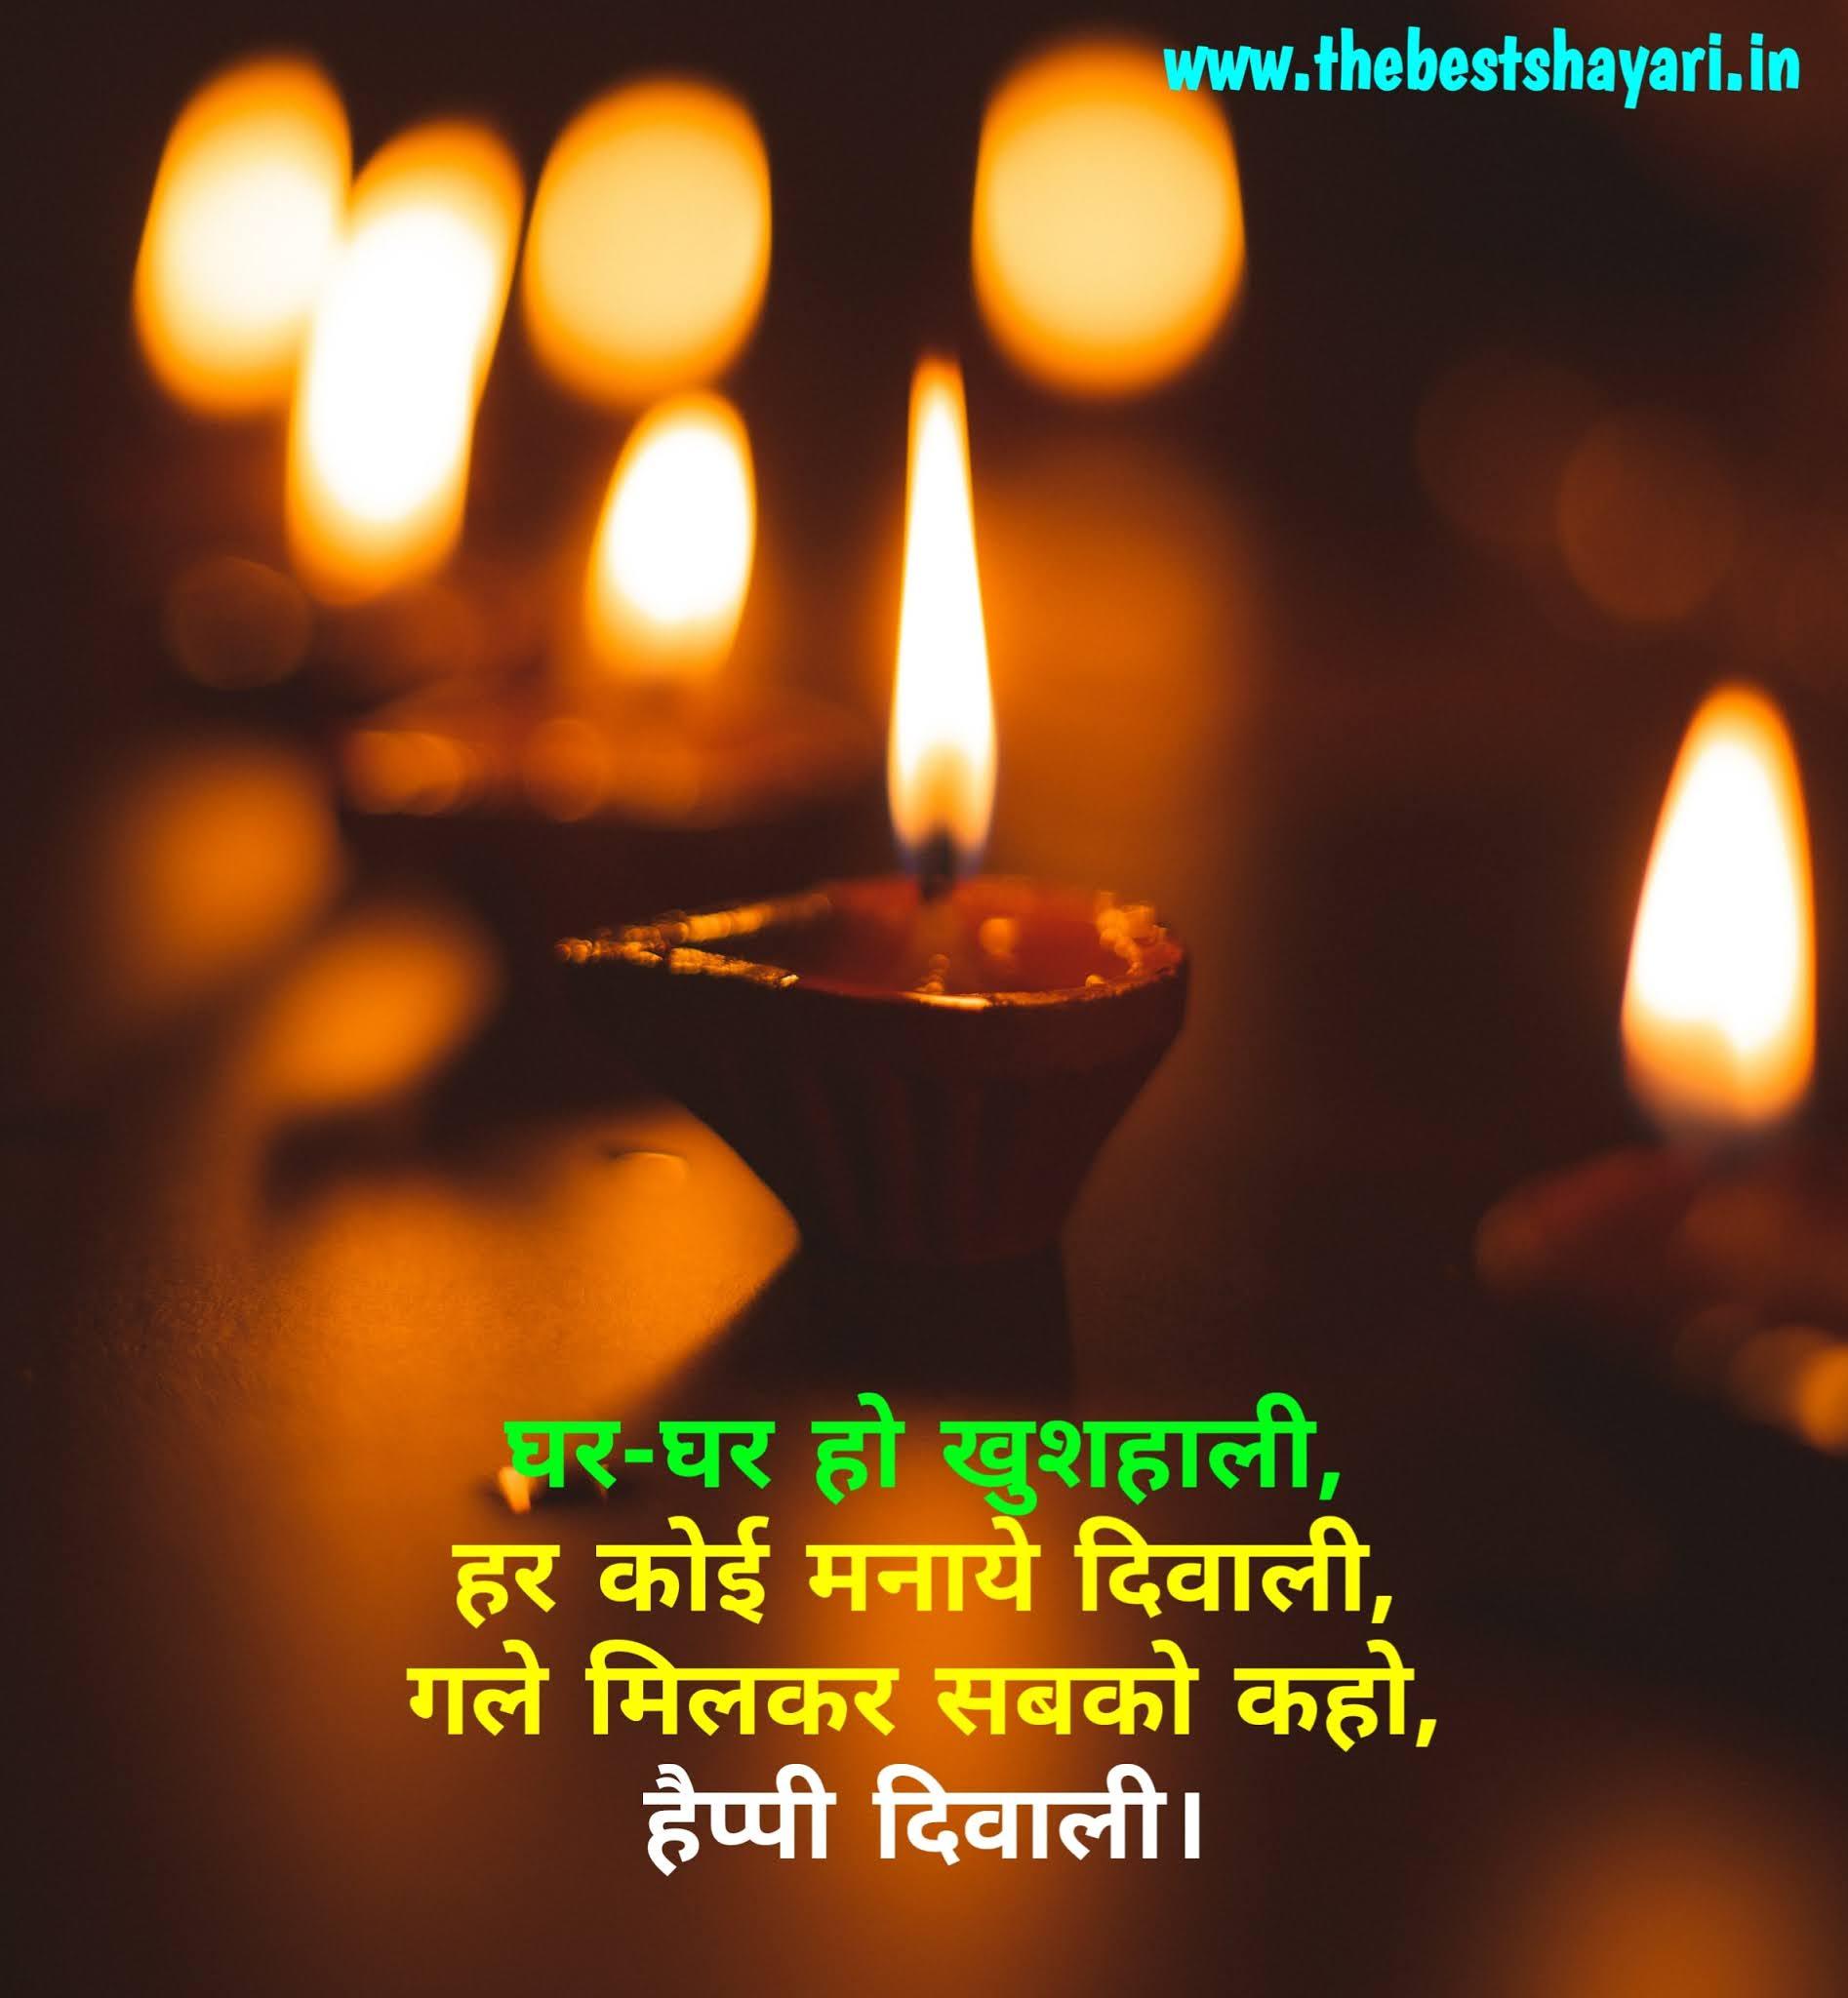 wish for Diwali in Hindi